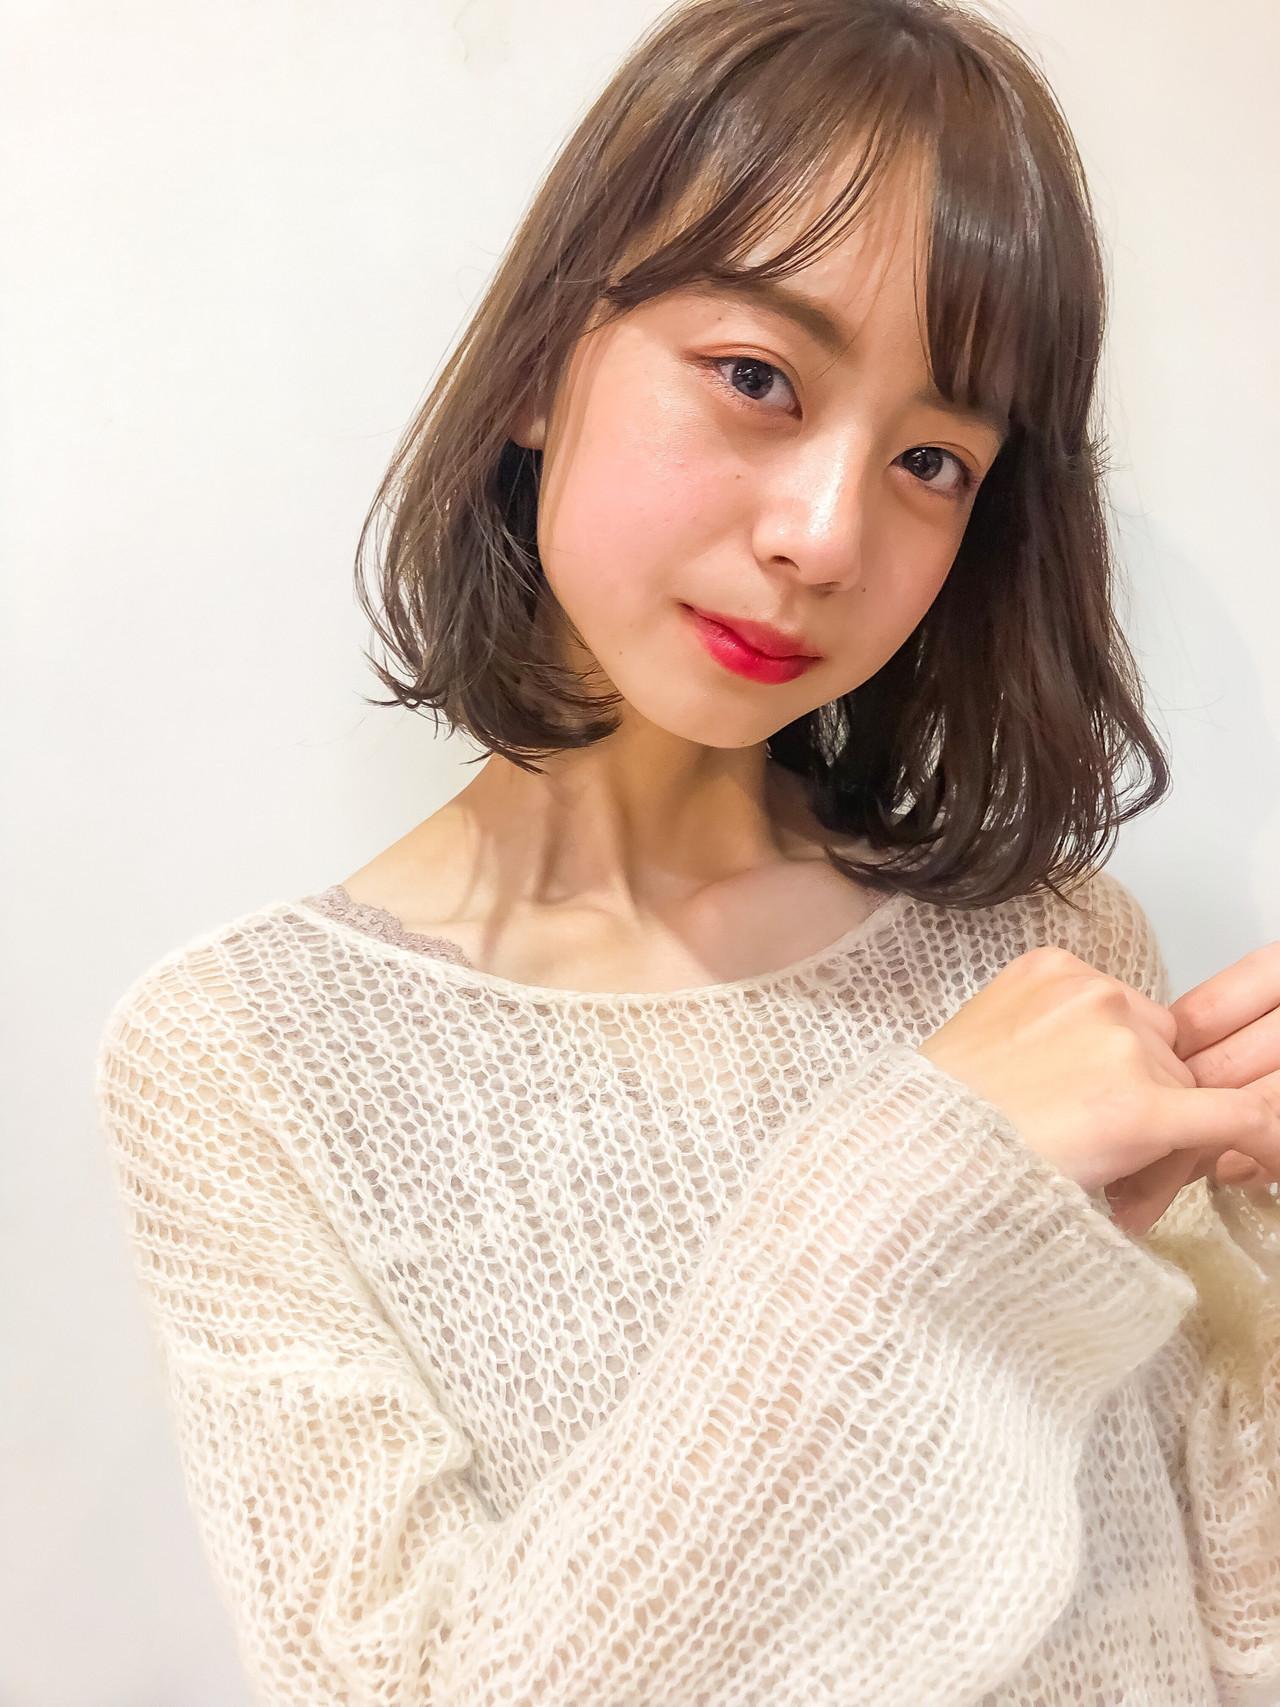 ロブ ミディアム シースルーバング 韓国ヘア ヘアスタイルや髪型の写真・画像